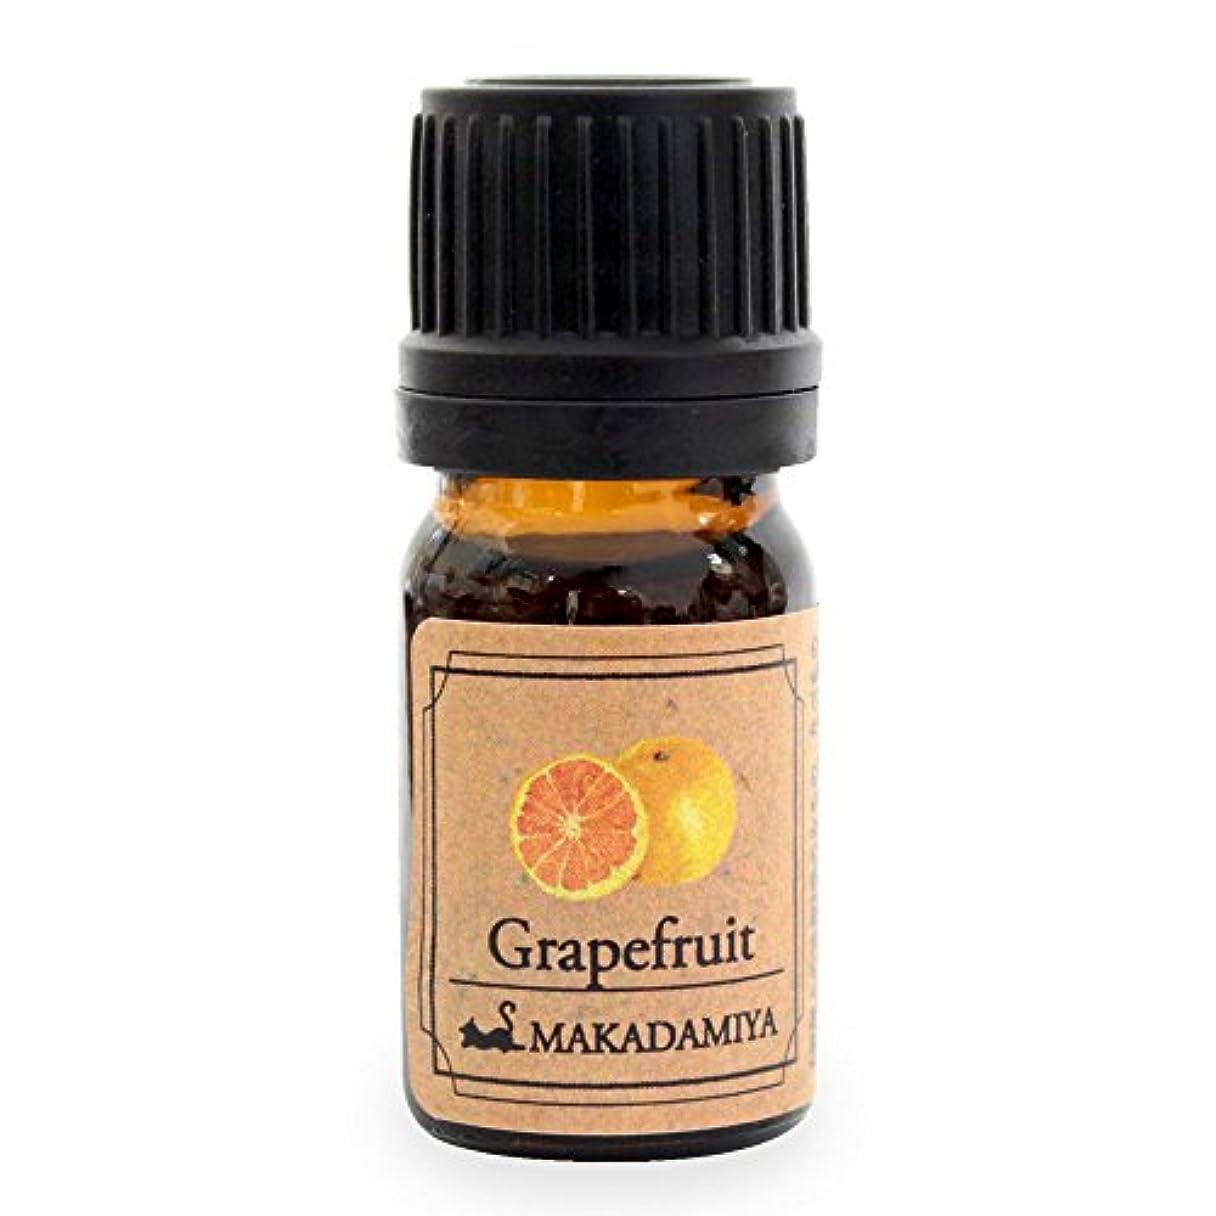 理論悪魔基礎グレープフルーツ5ml 天然100%植物性 エッセンシャルオイル(精油) アロマオイル アロママッサージ aroma Grapefruit